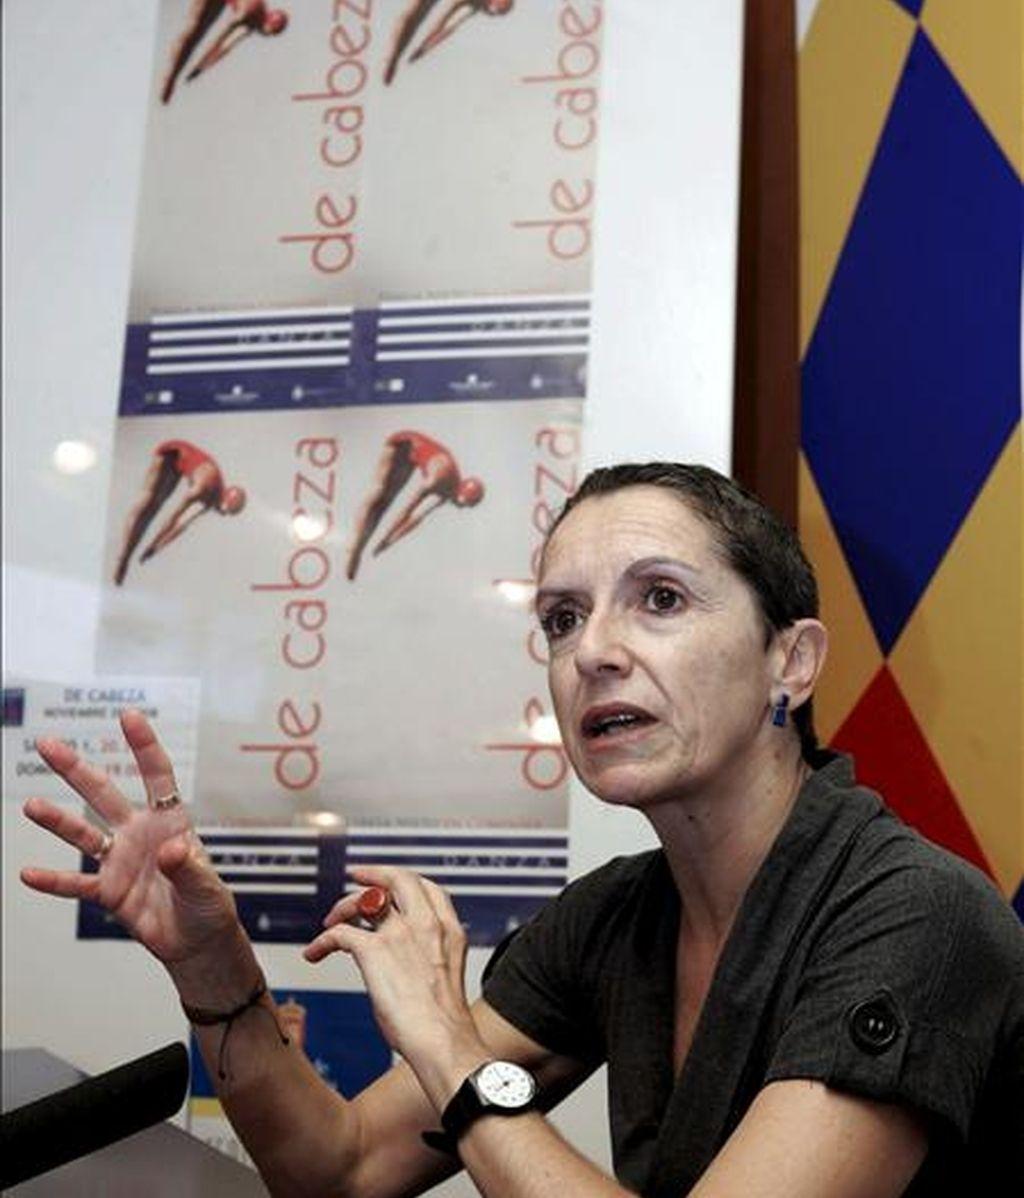 """La bailarina y coreógrafa Teresa Nieto, durante una rueda de prensa para presentar su espectáculo """"De Cabeza"""". EFE/Archivo"""